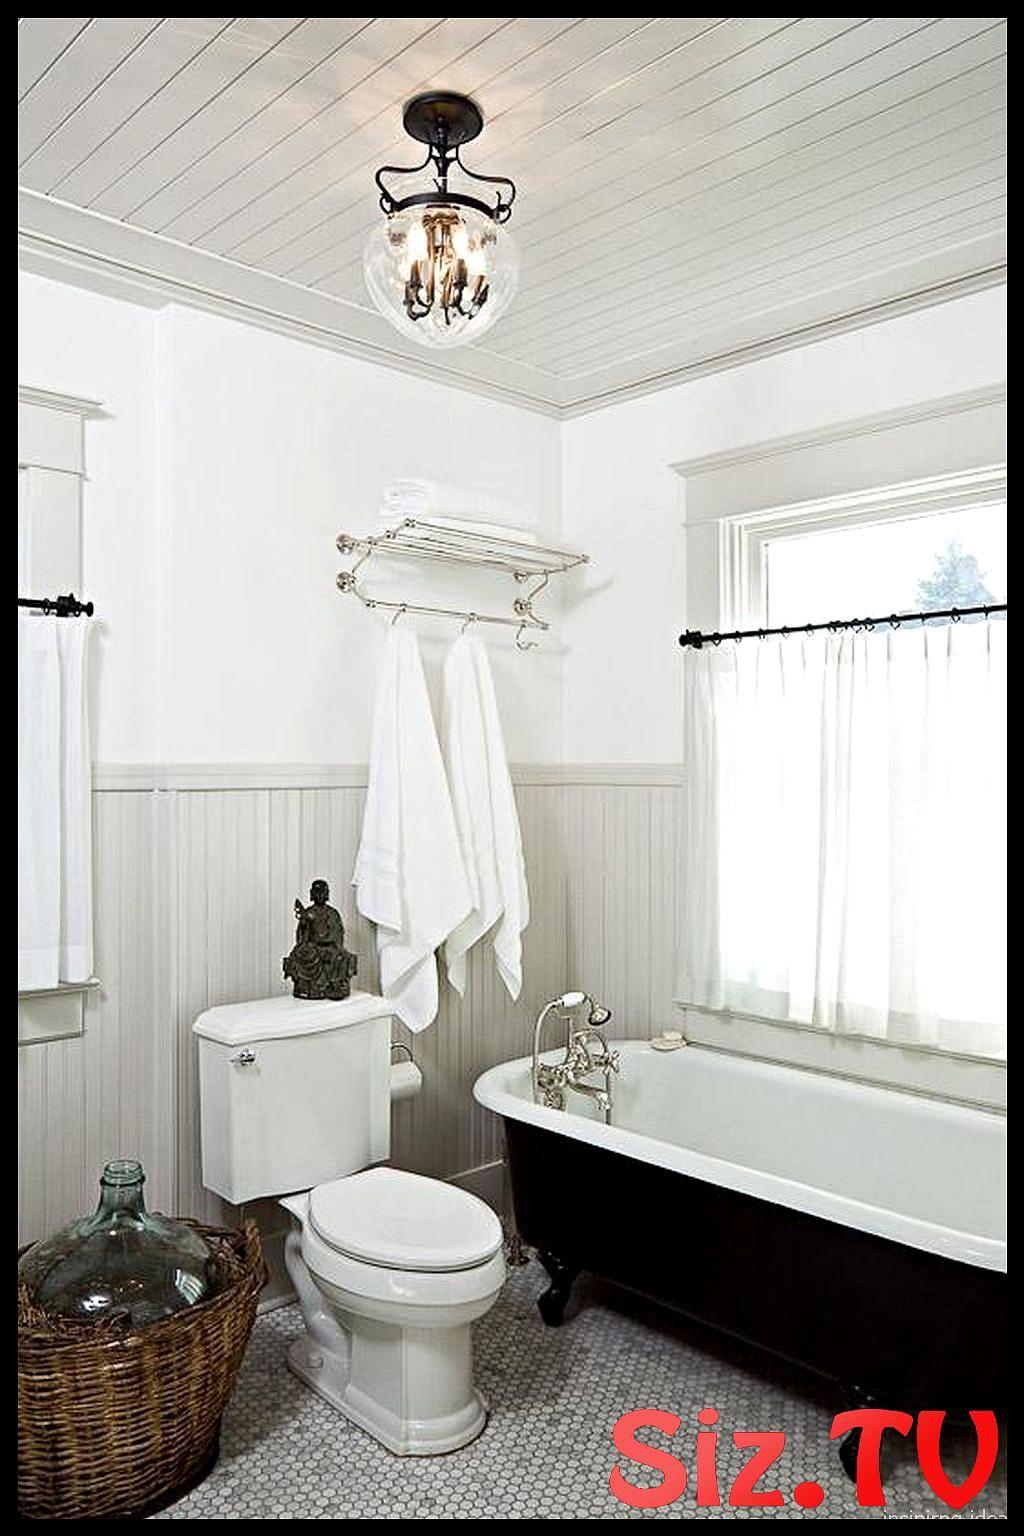 Beadboard Ceiling Black Bathtub Beadboard Ceiling Black Bathtub Beadboard Ceiling Black Bathtub Beadboa Classic Bathroom Bathrooms Remodel Traditional Bathroom